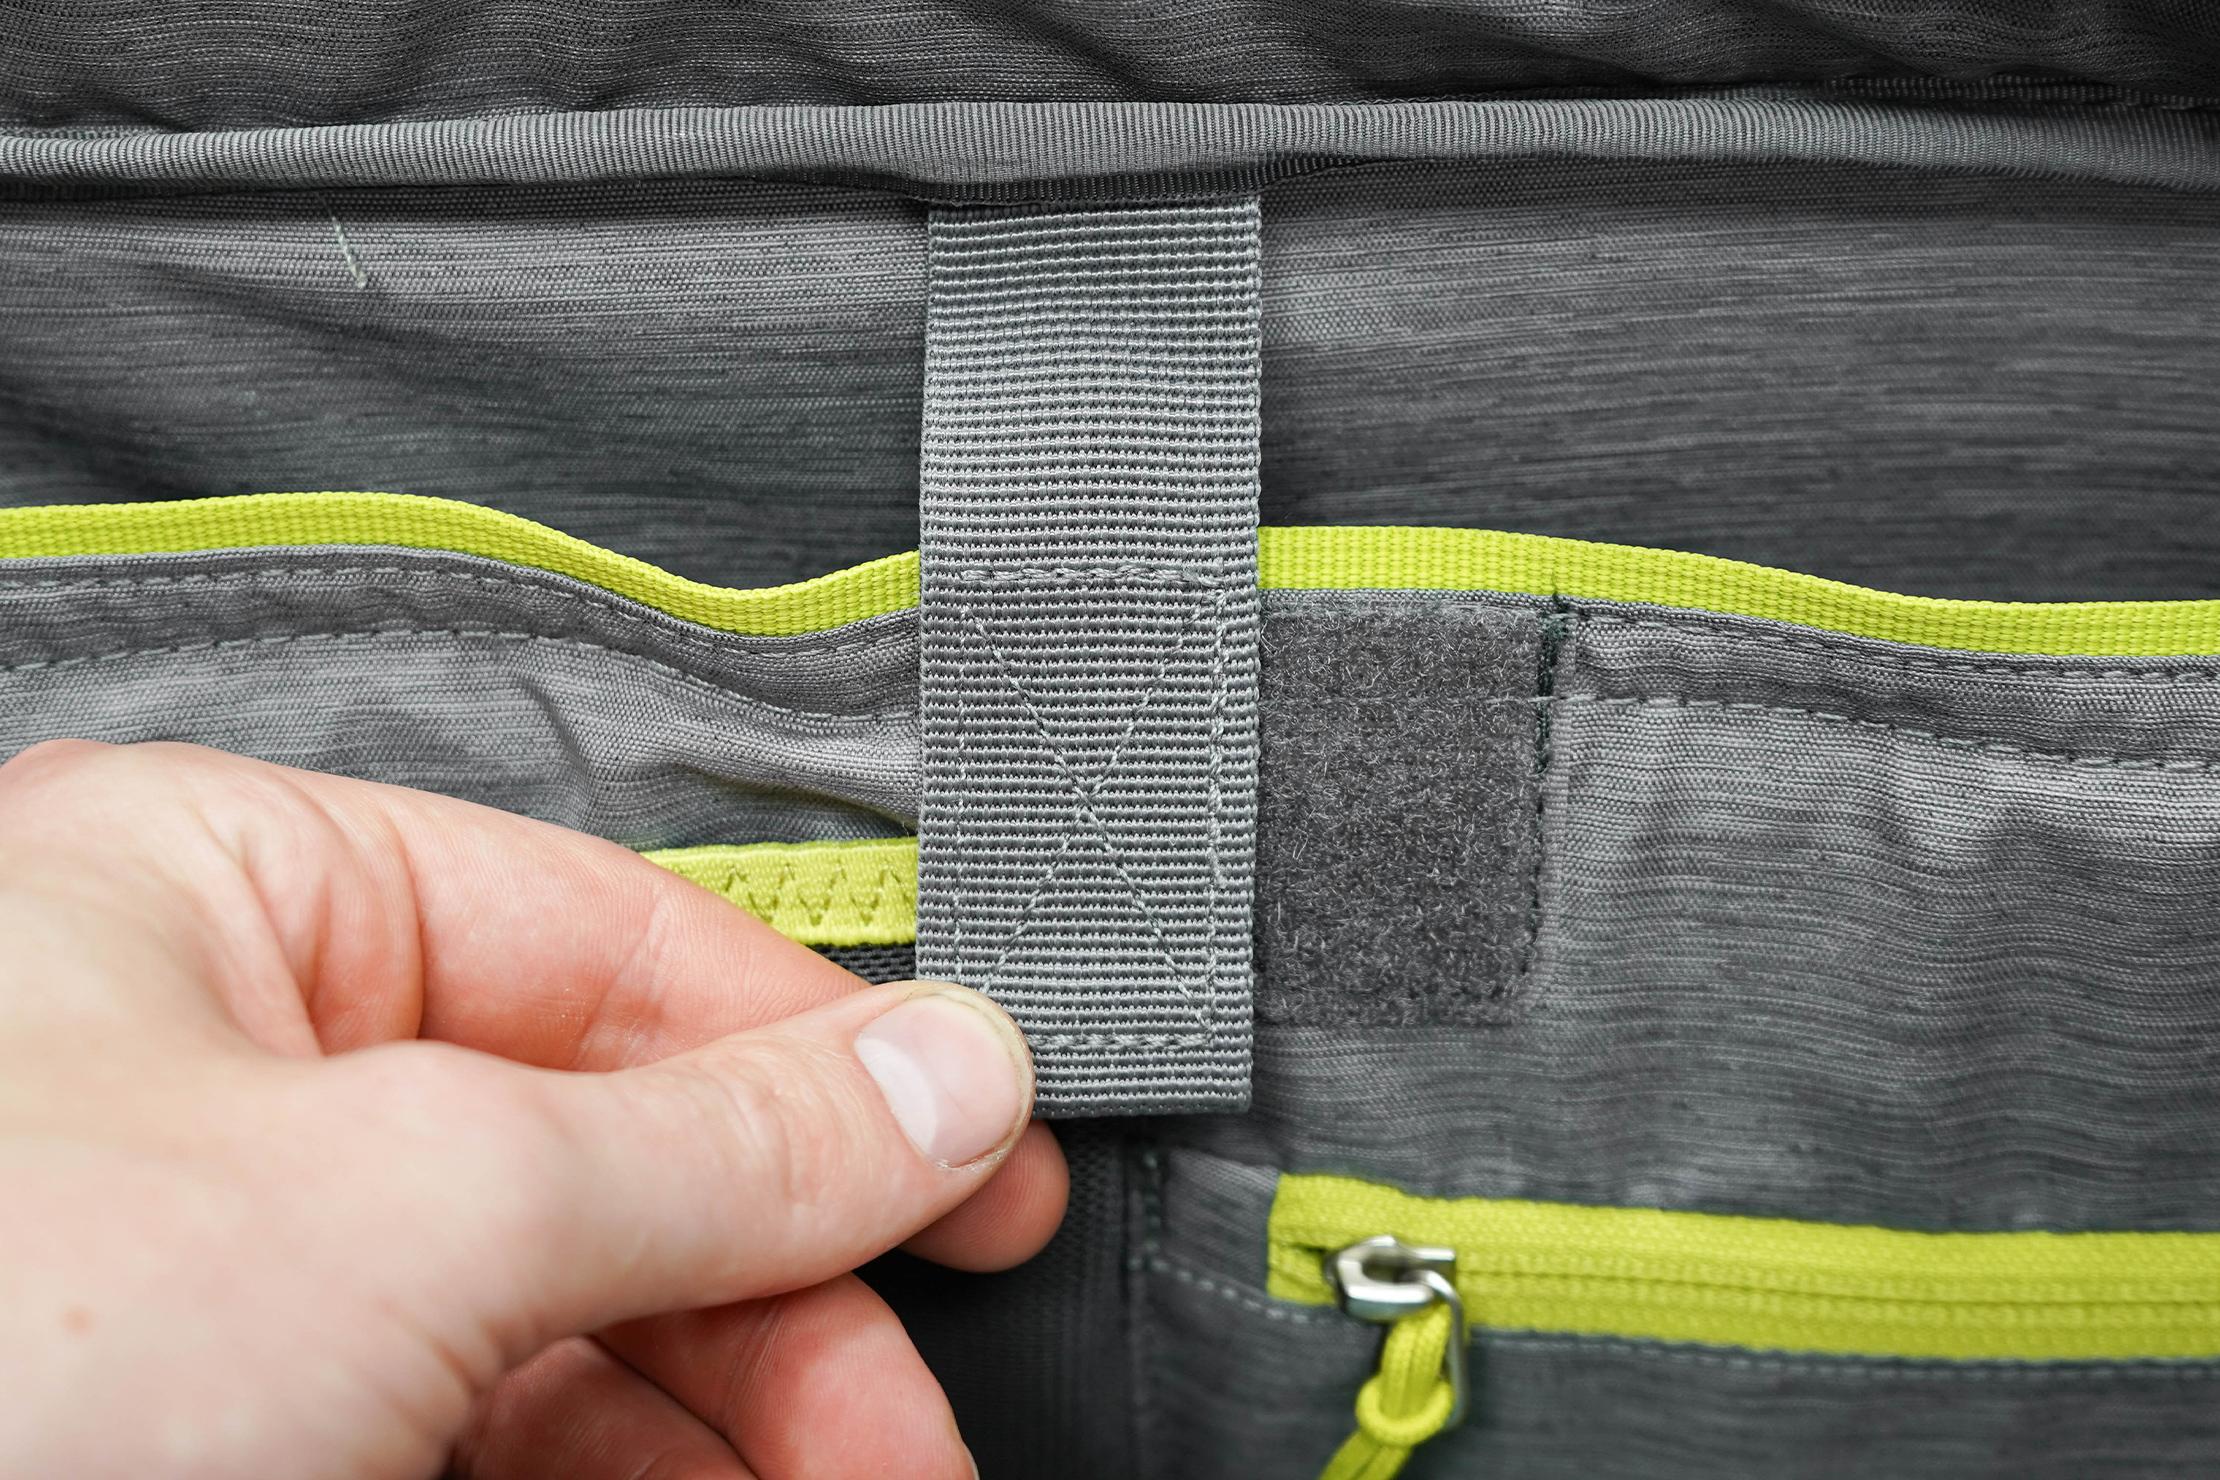 Deuter AViANT Carry On Pro 36 Misaligned Velcro Strap